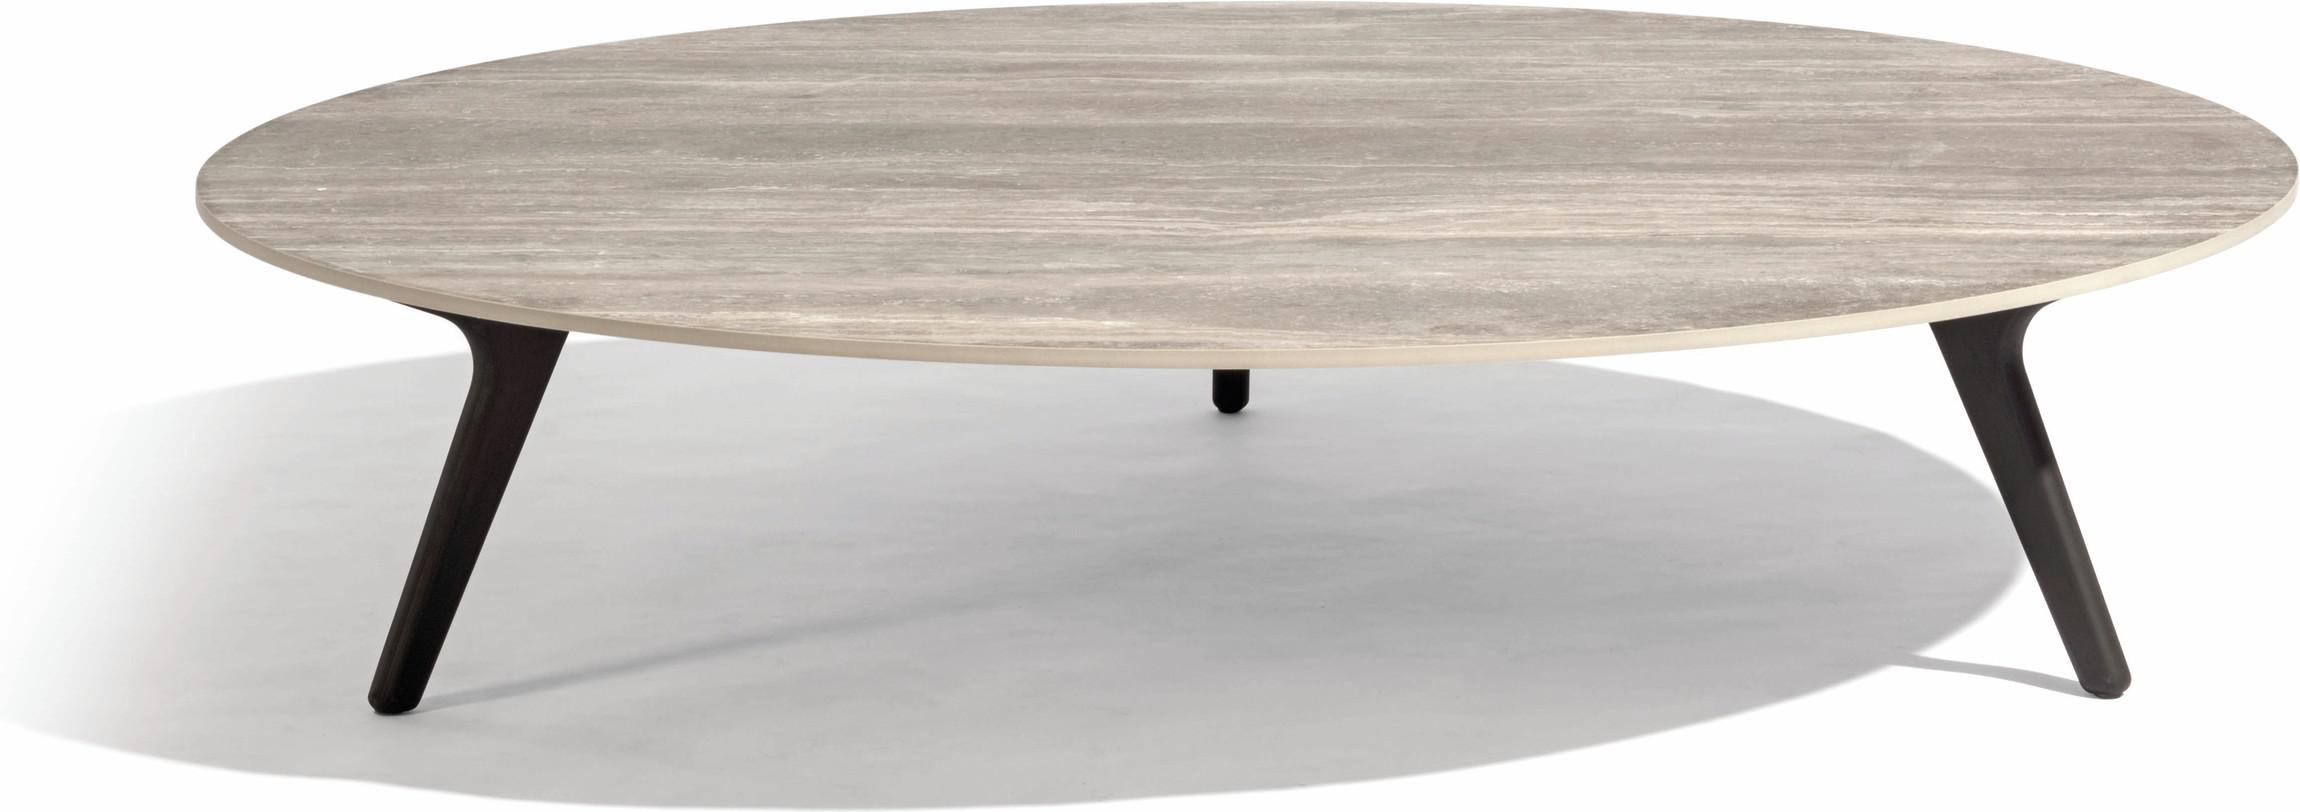 Lage tafel Torsa - Teak nero - CT 148